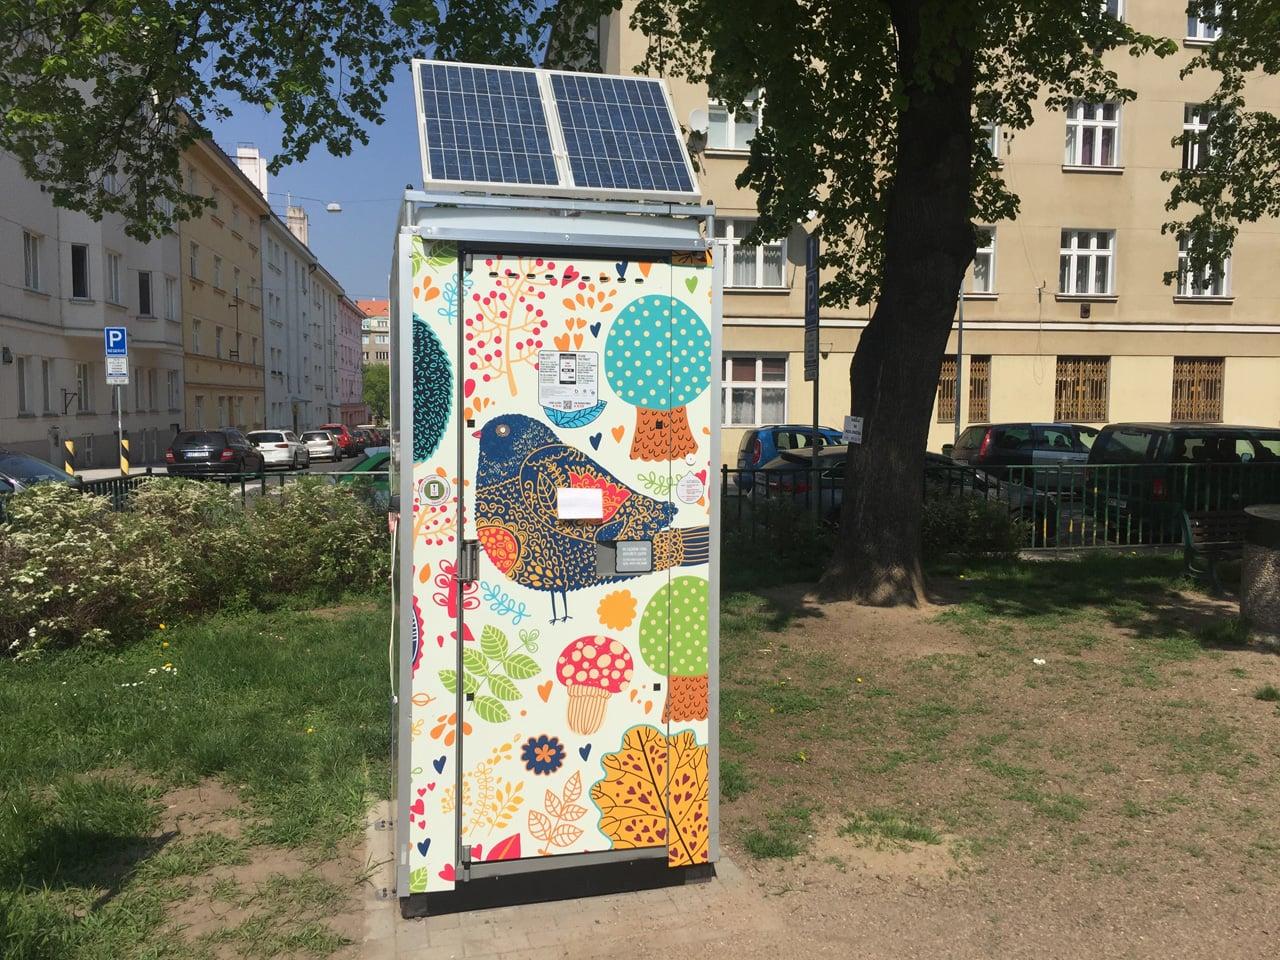 Chytrá kadibudka v Praze v Dejvicích